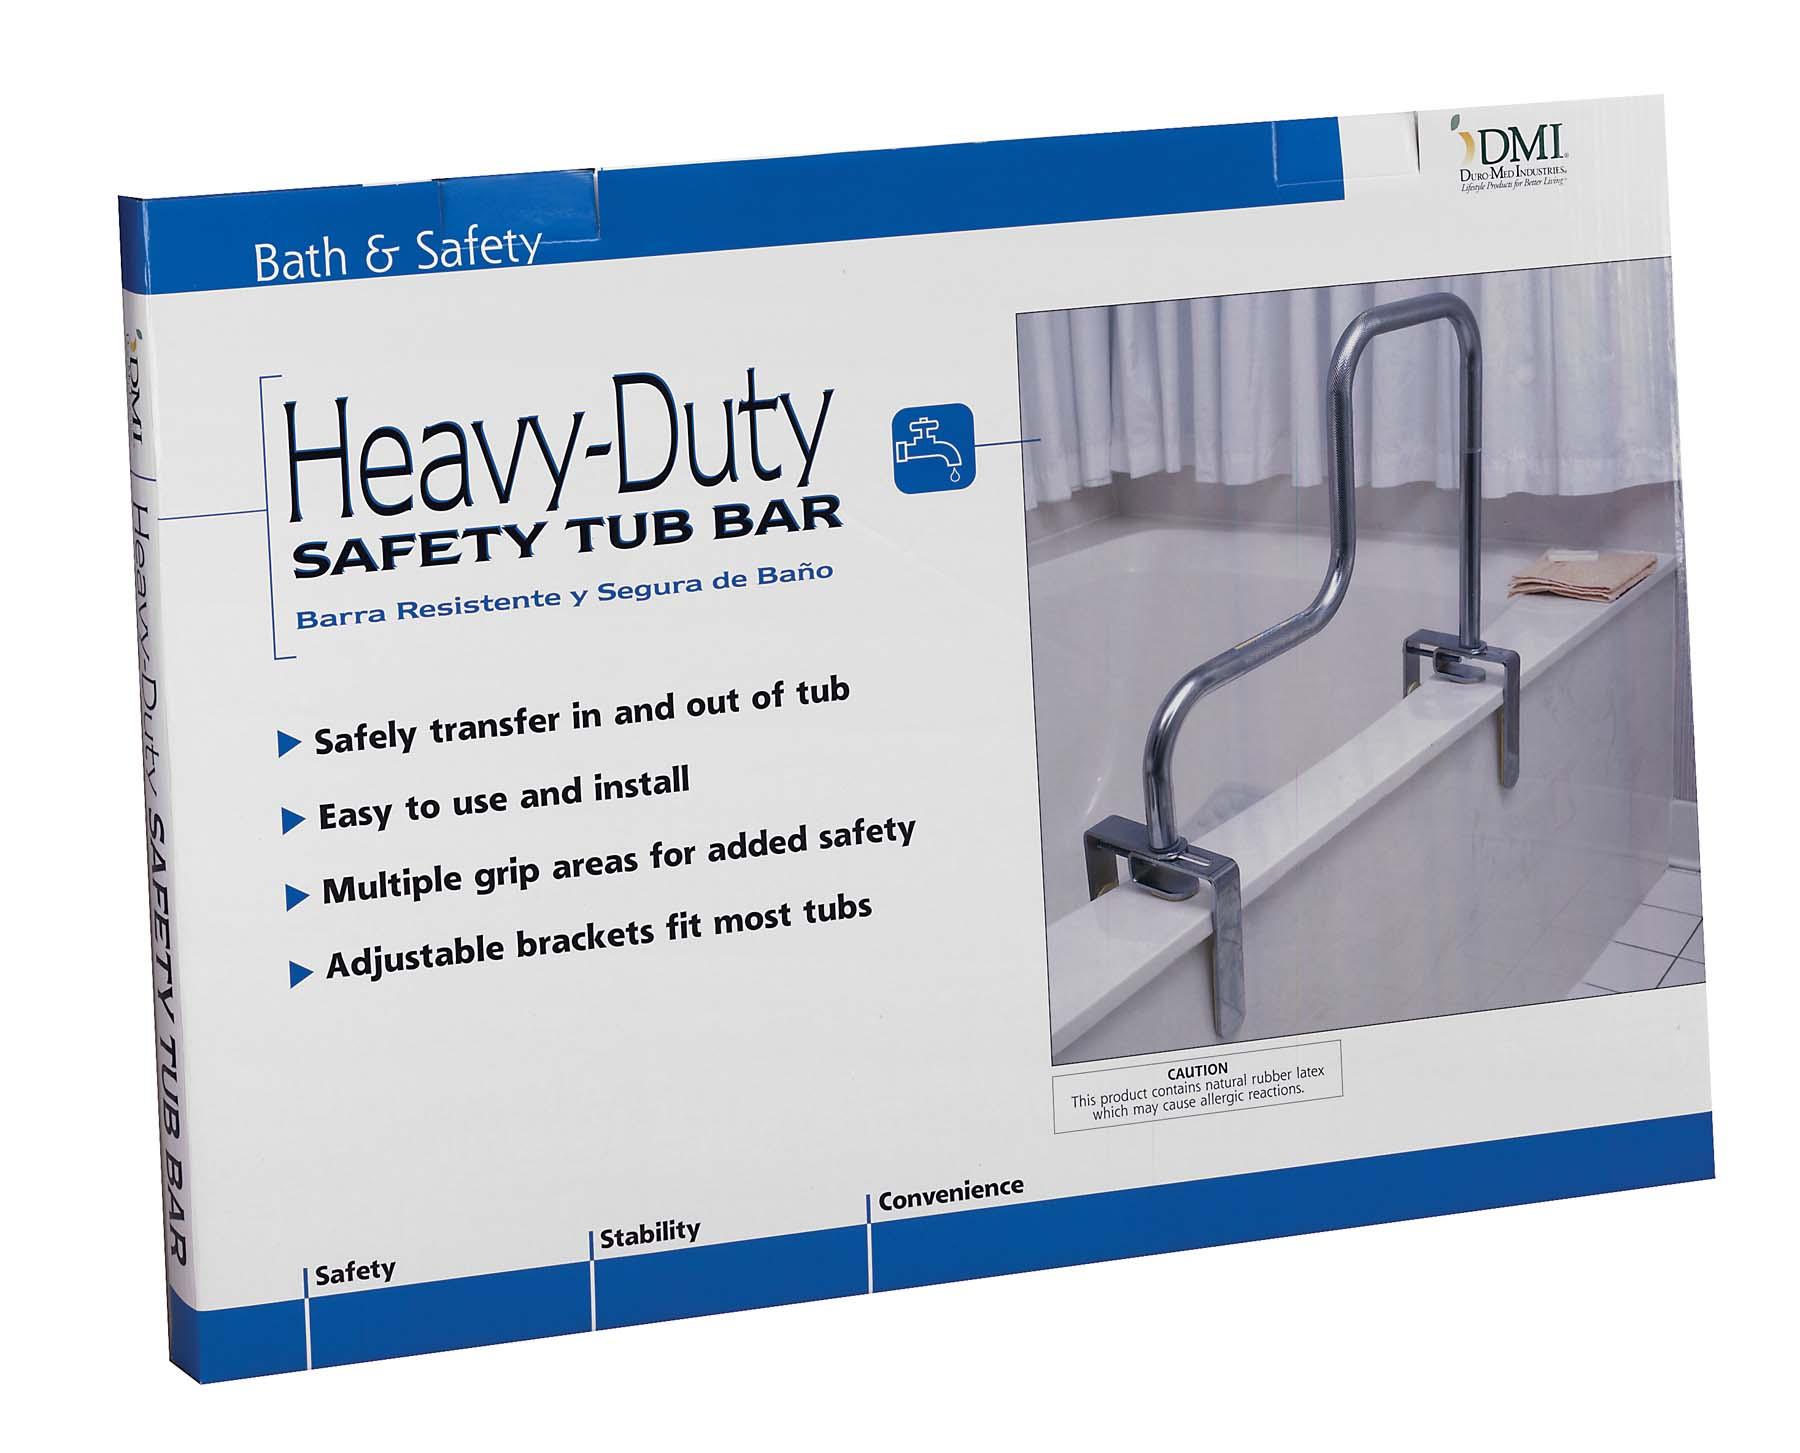 heavy-duty-safety-tub-bar-521-1614-0600-lr-2.jpg